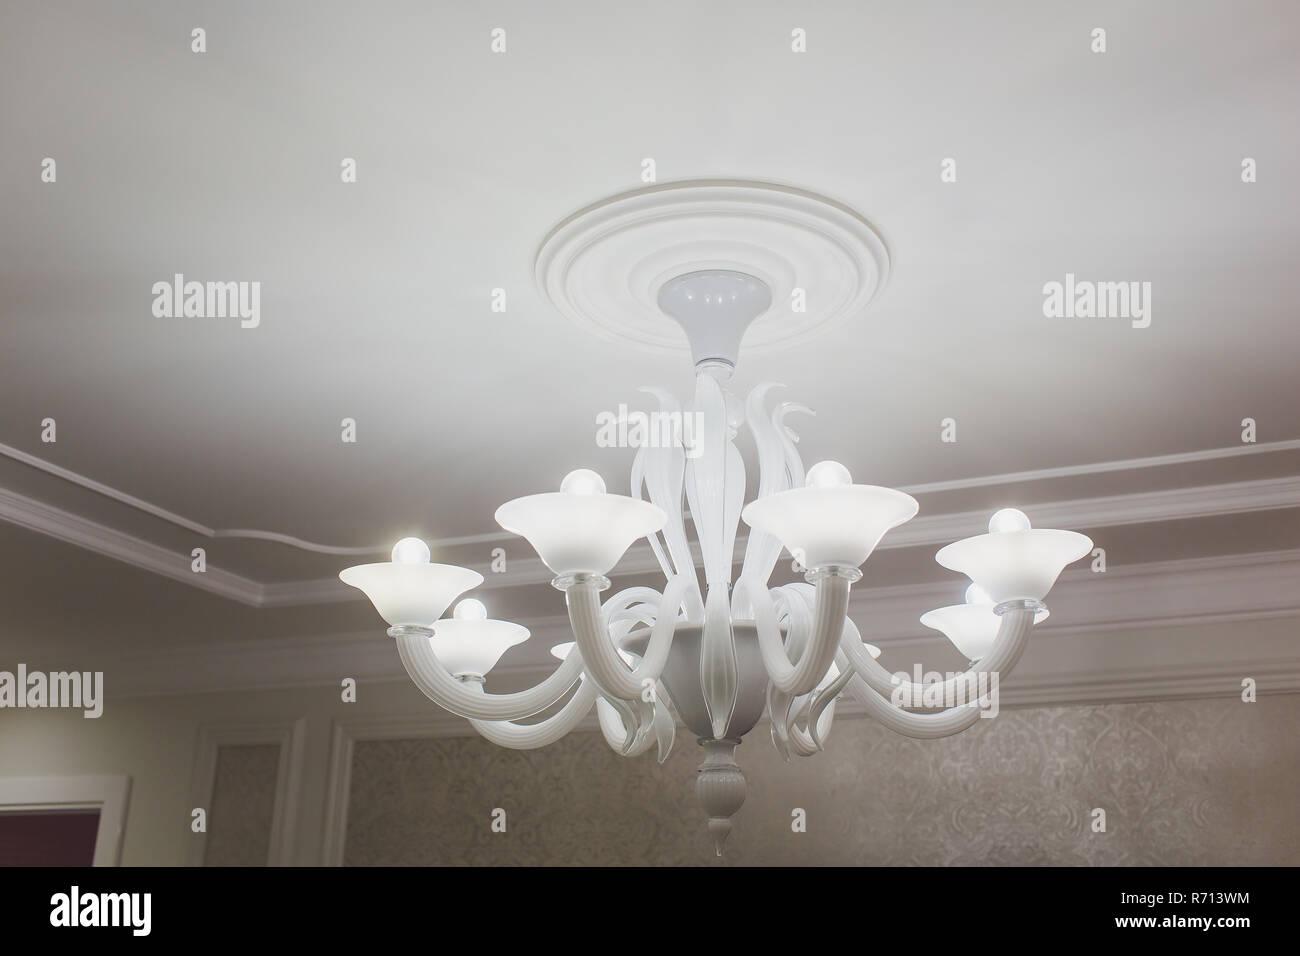 Moderne Lampen 13 : Moderne kronleuchter stockfotos & moderne kronleuchter bilder alamy